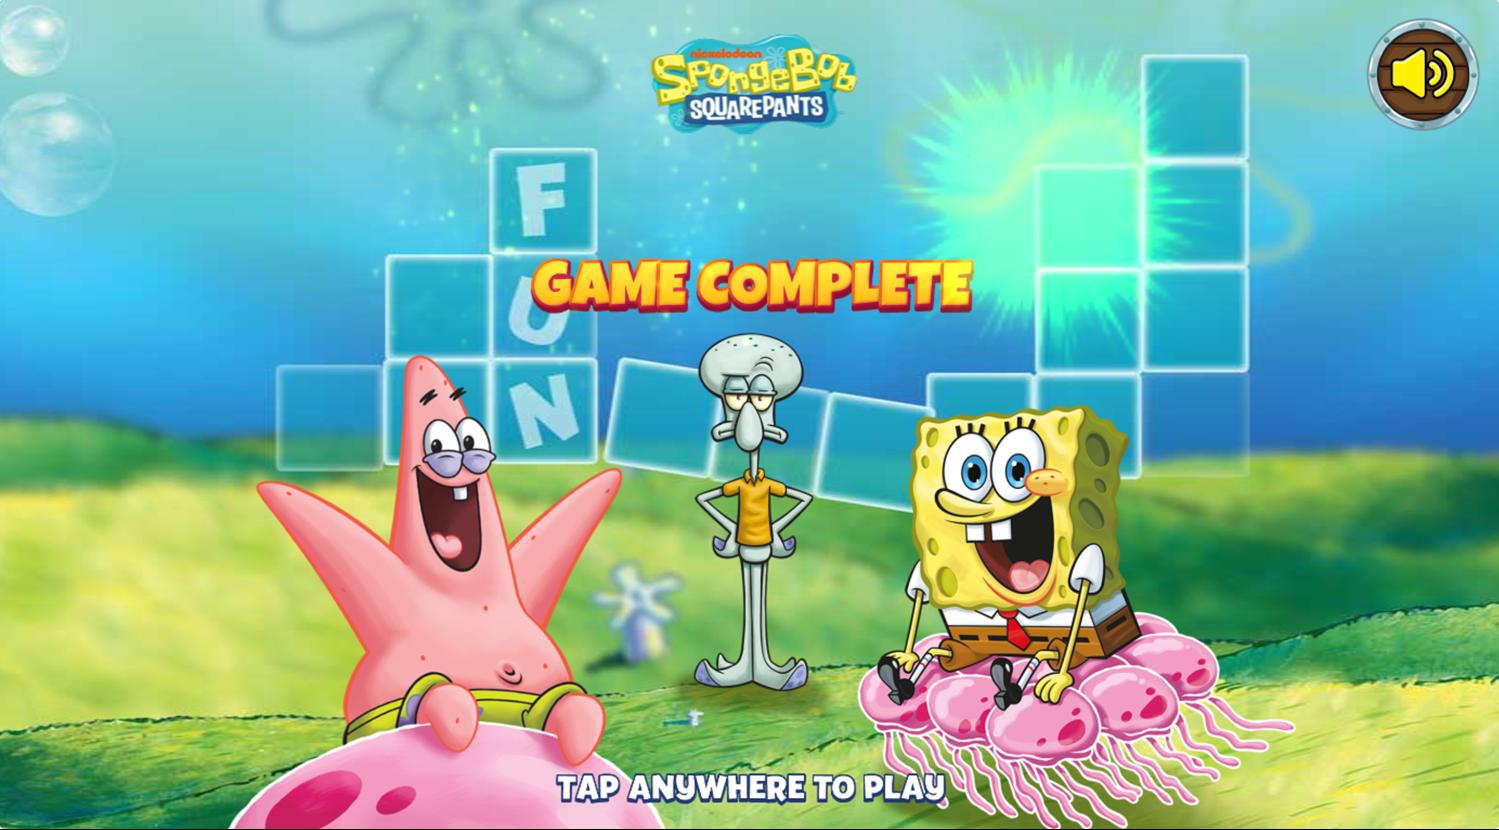 Spongebob Squarepants Word Blocks Game Complete Screenshot.